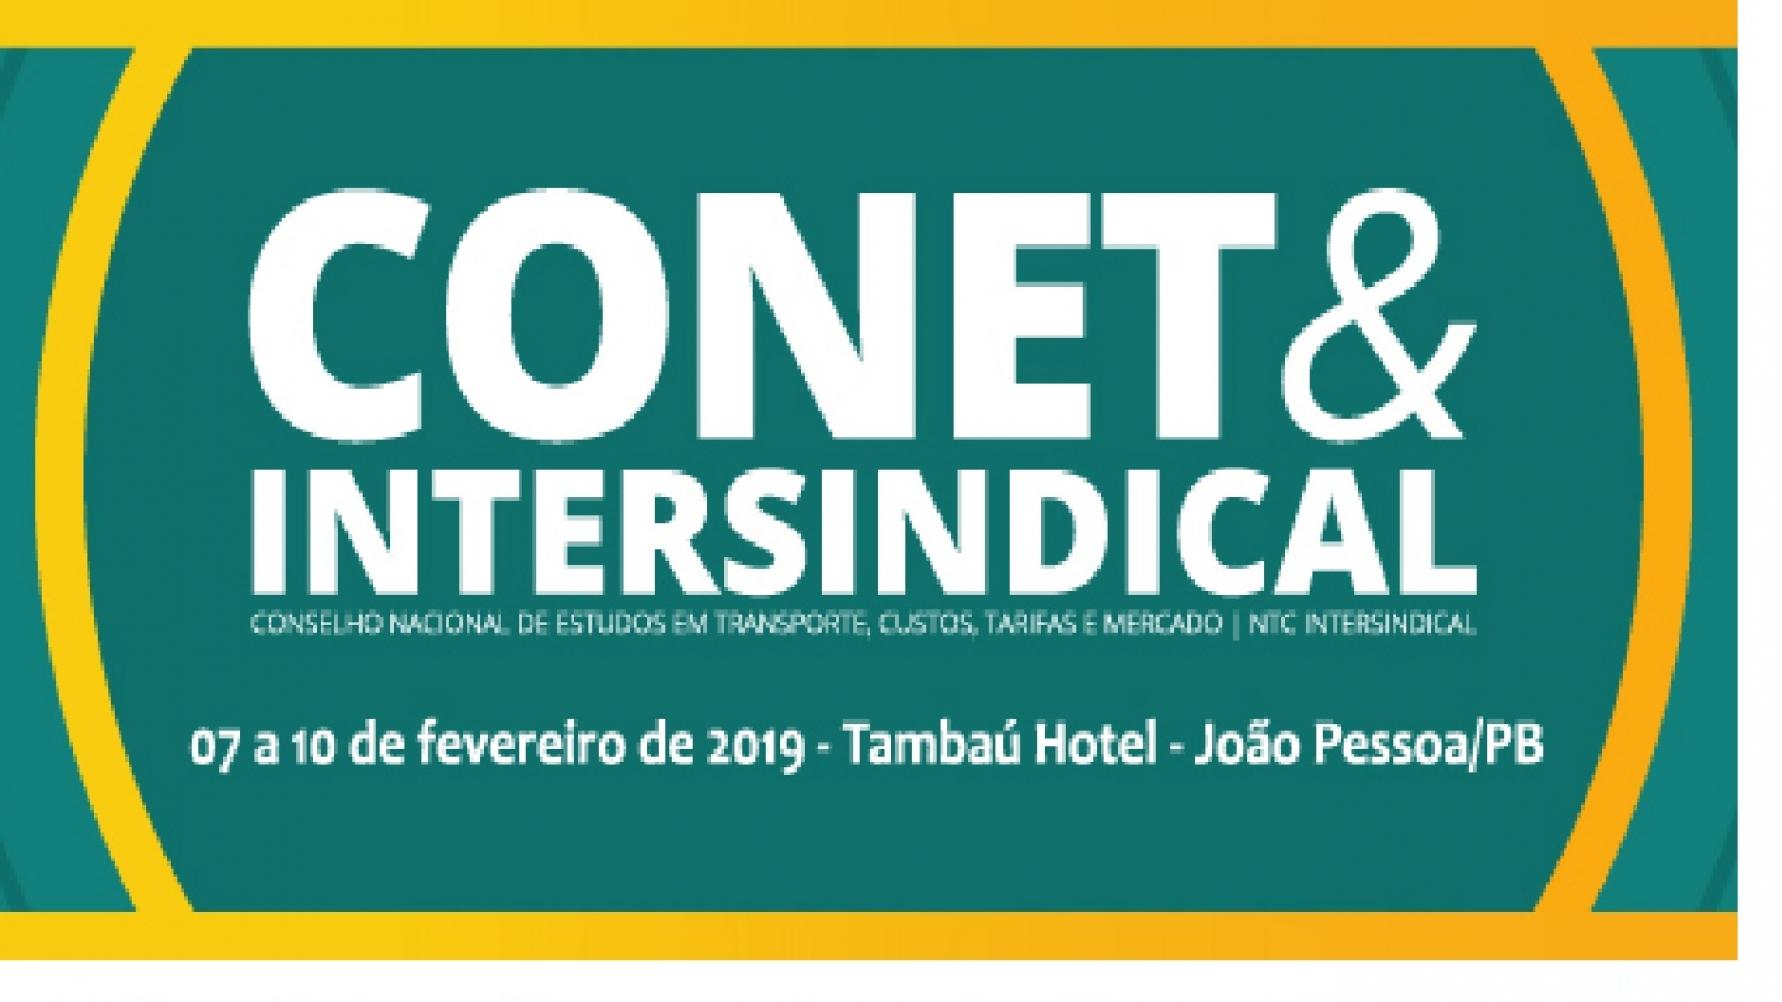 CONET&Intersindical - Edição João Pessoa/PB - INSCREVA-SE AQUI